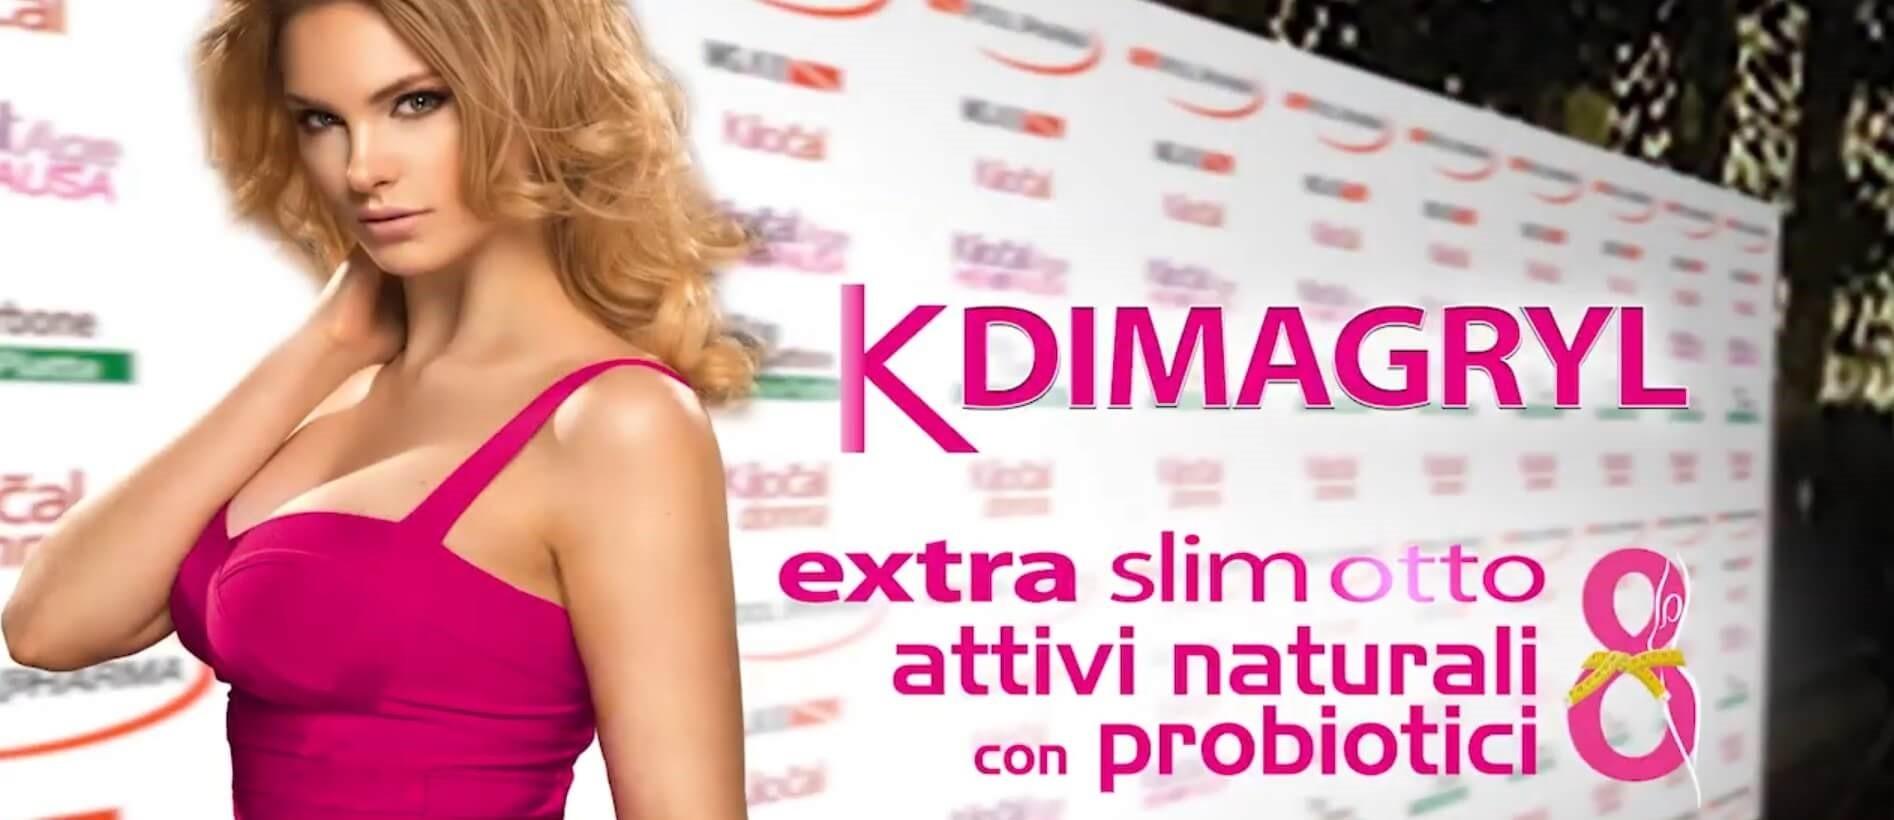 Kilocal Dimagryl